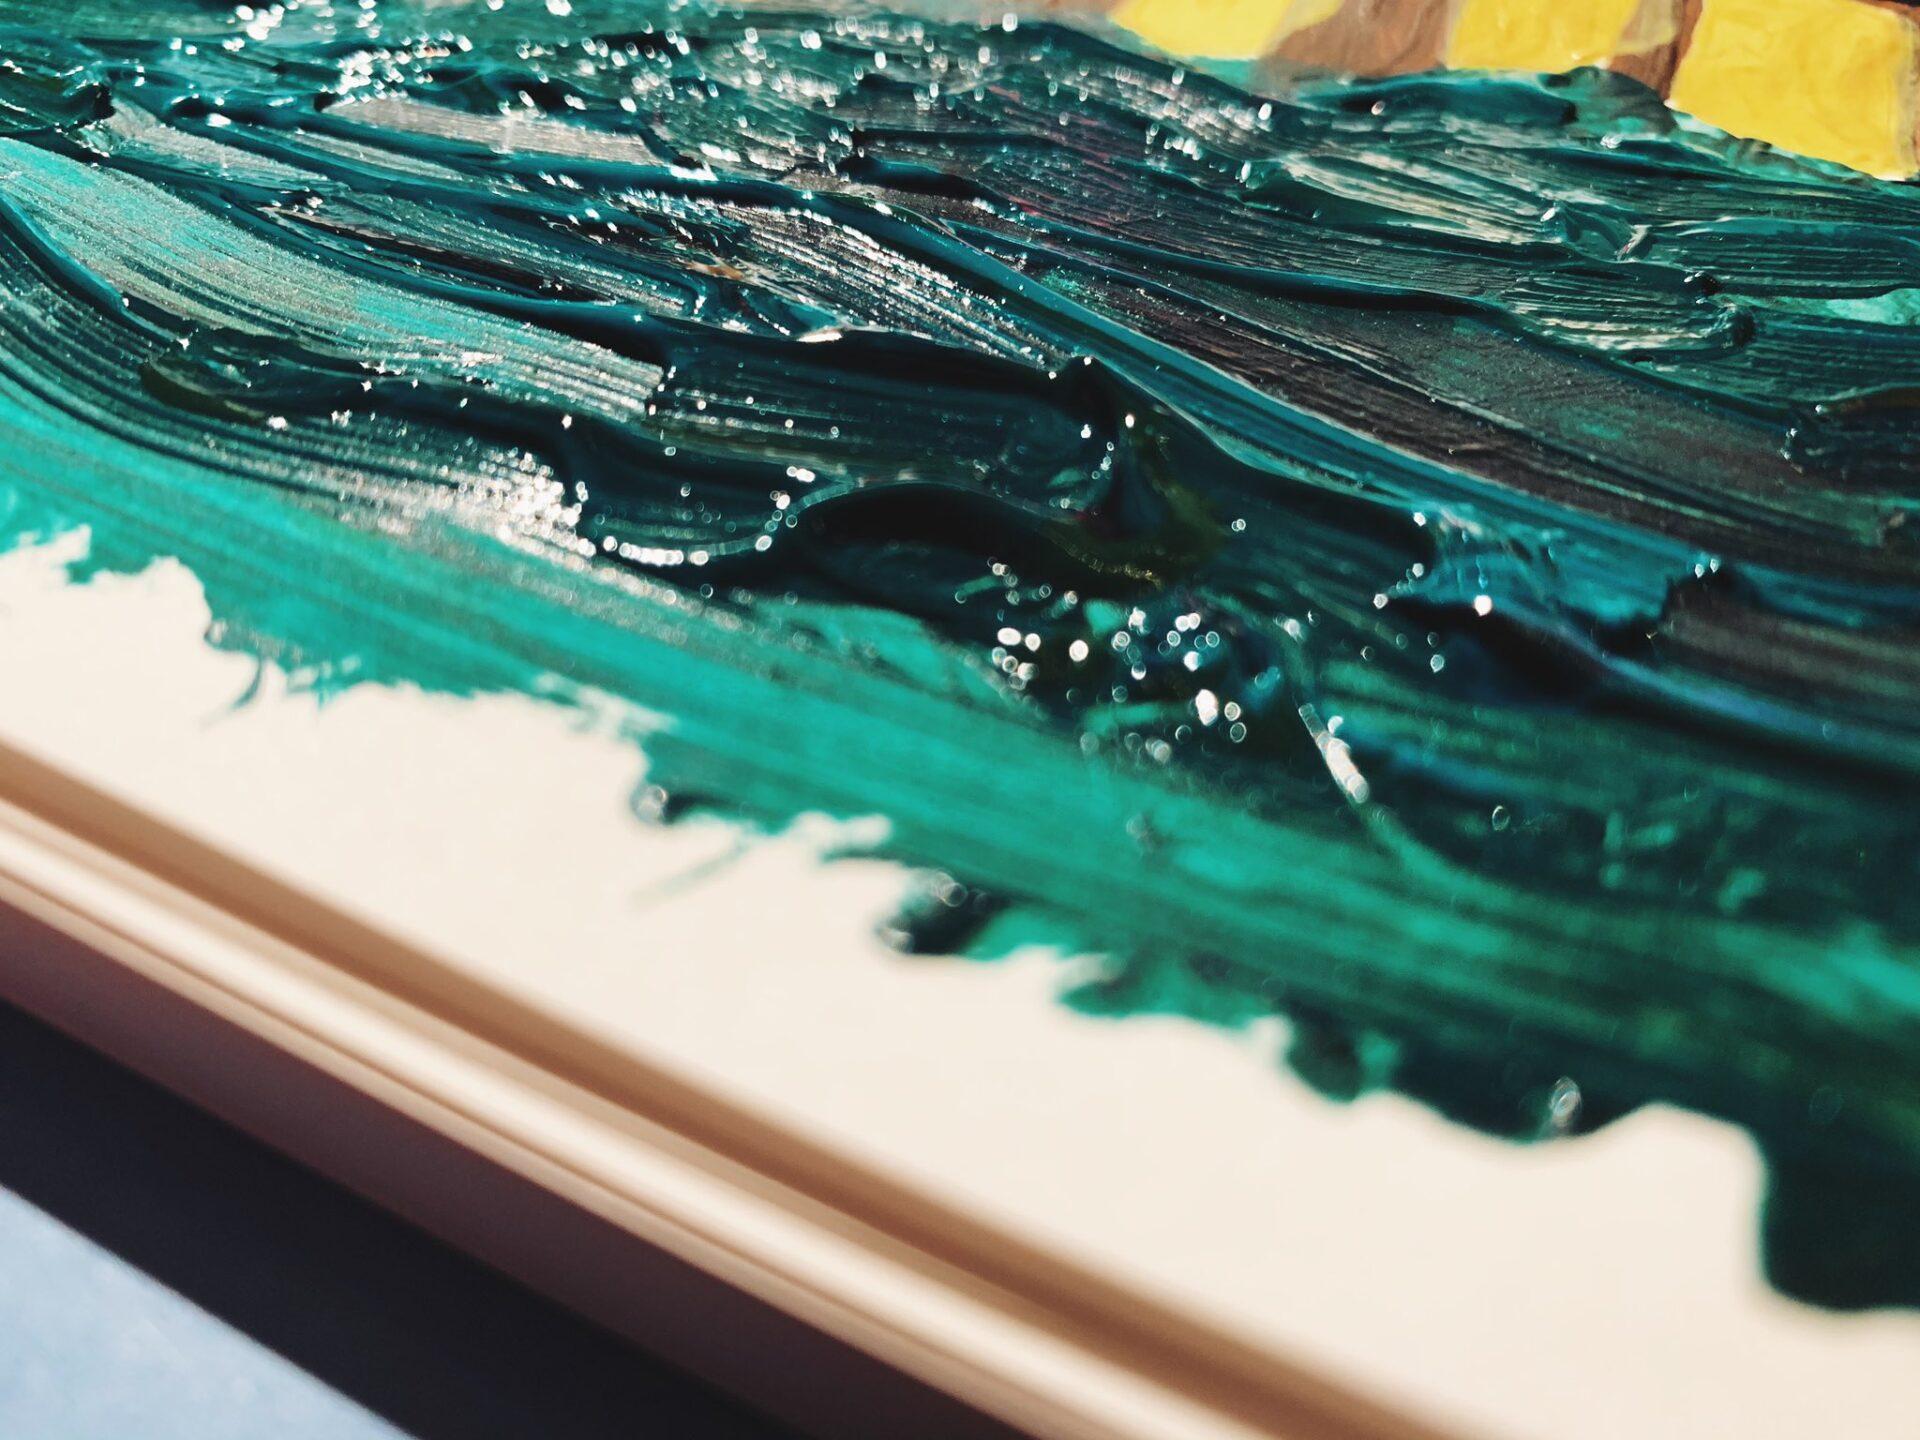 To tylko moje bazgroły, jednak podobnie wygląda faktura na obrazach van Gogha. (Szkicownik Leuchtturm)